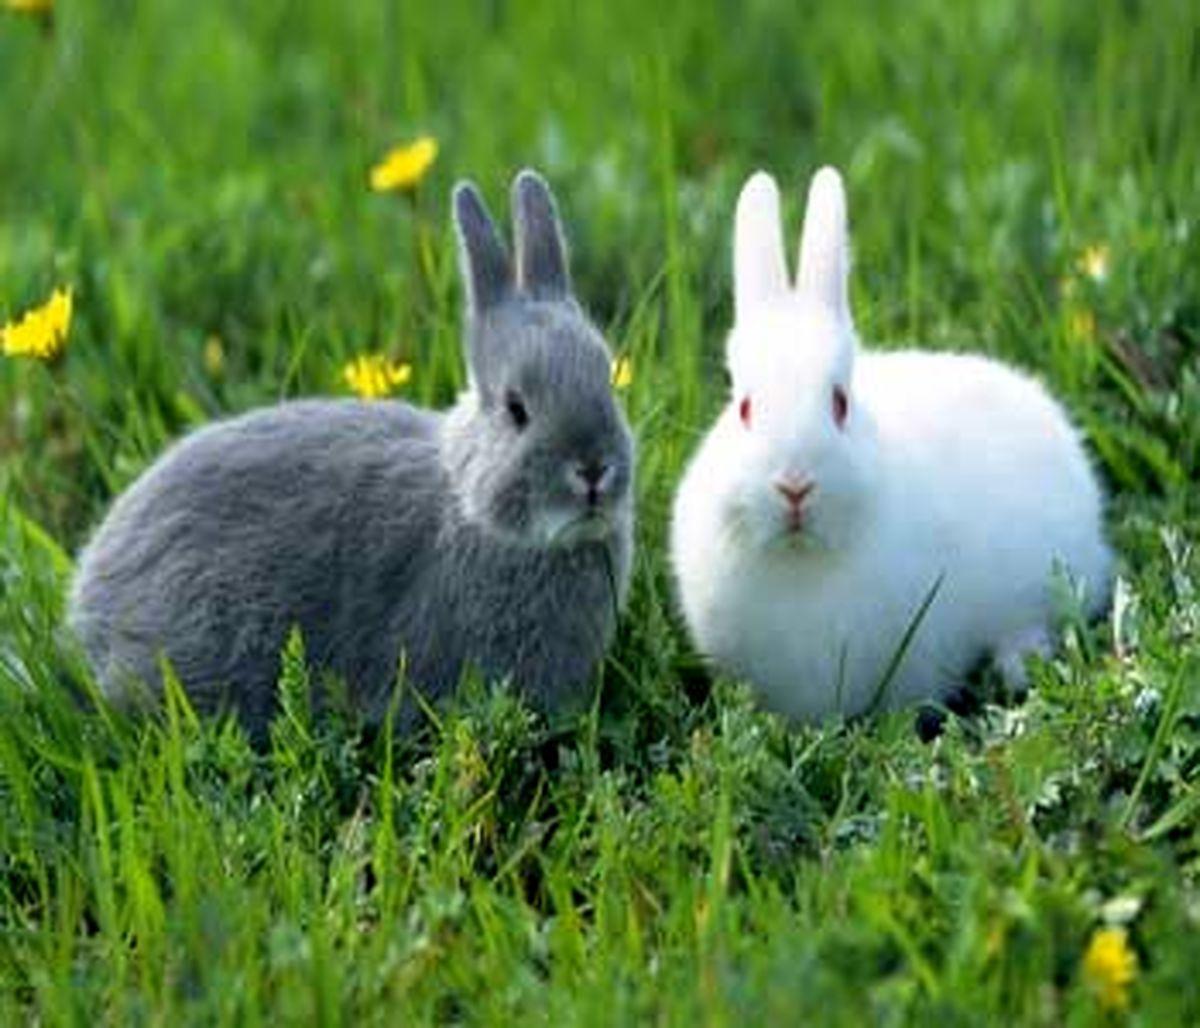 حقایقی باورنکردنی درباره خرگوش ها! + عکس